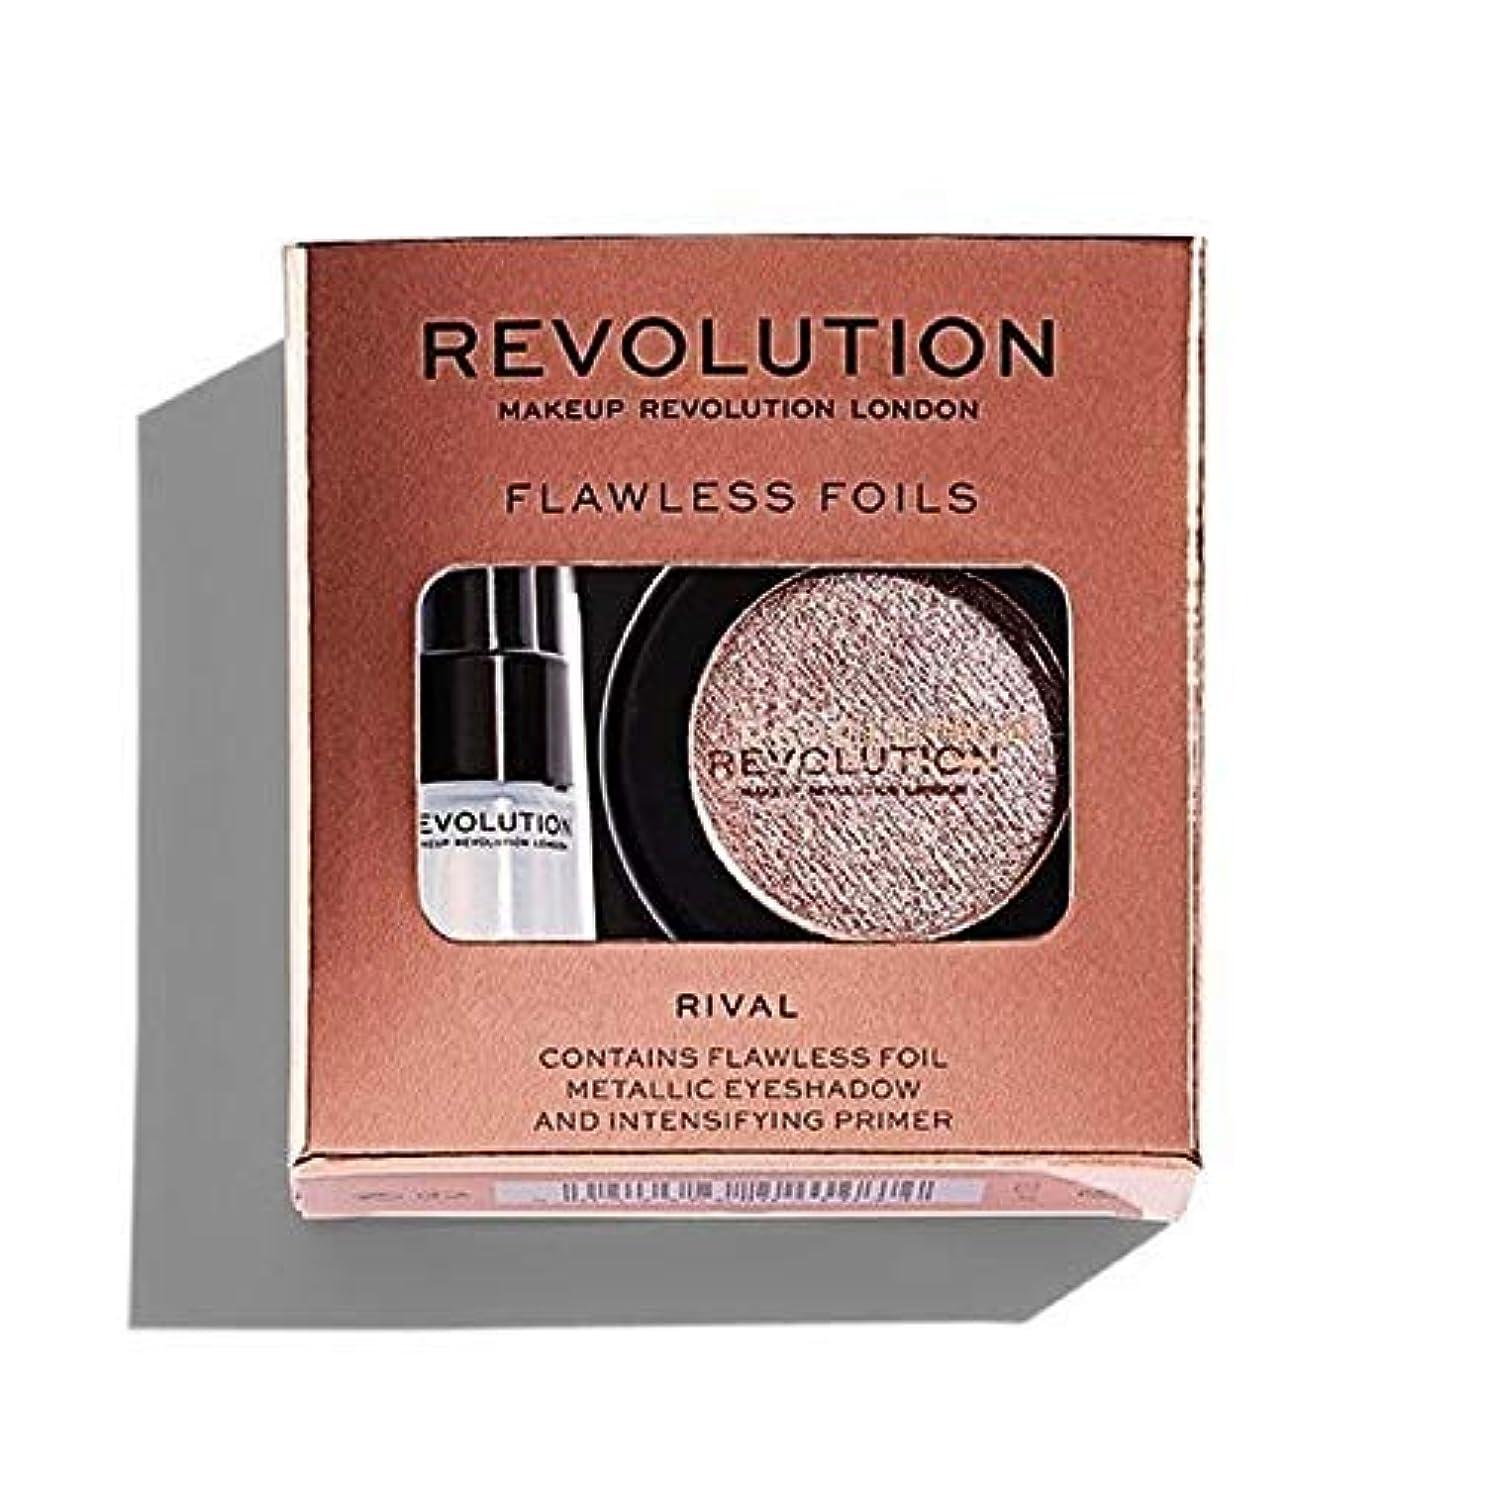 財布内向き等価[Revolution ] ライバル革命完璧な箔 - Revolution Flawless Foils Rival [並行輸入品]